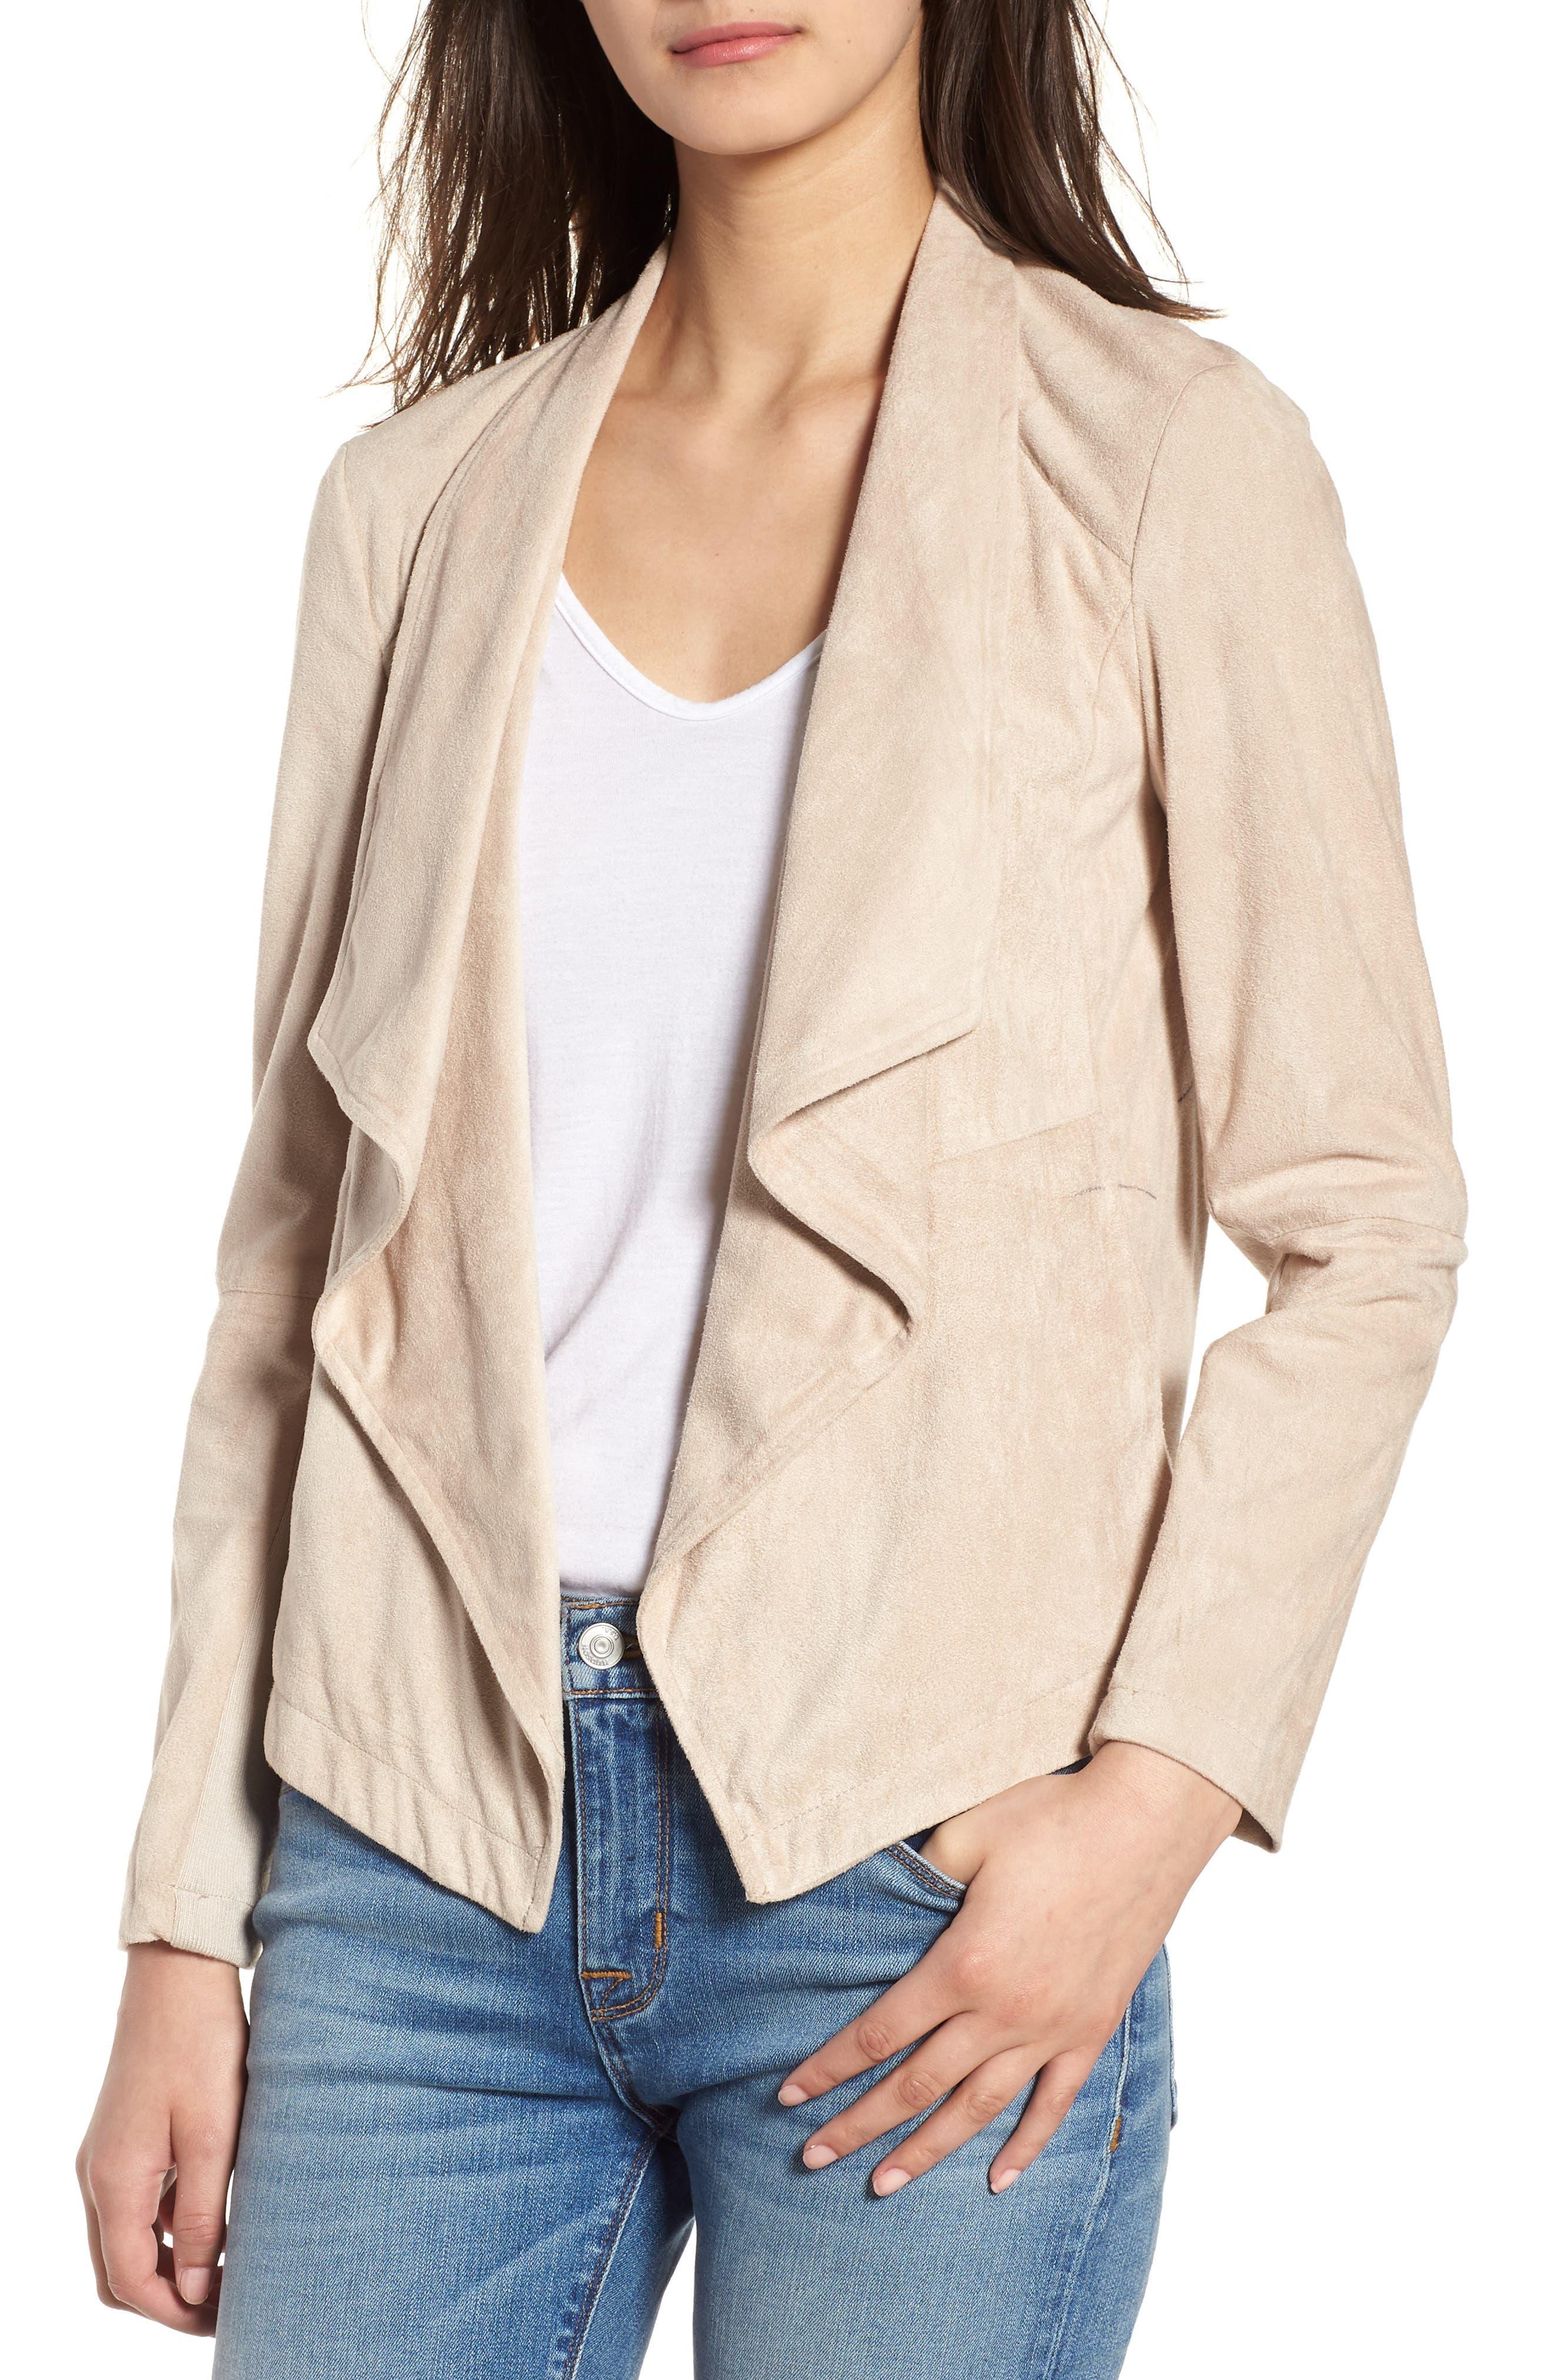 'Nicholson' Faux Suede Drape Front Jacket,                         Main,                         color, Bone